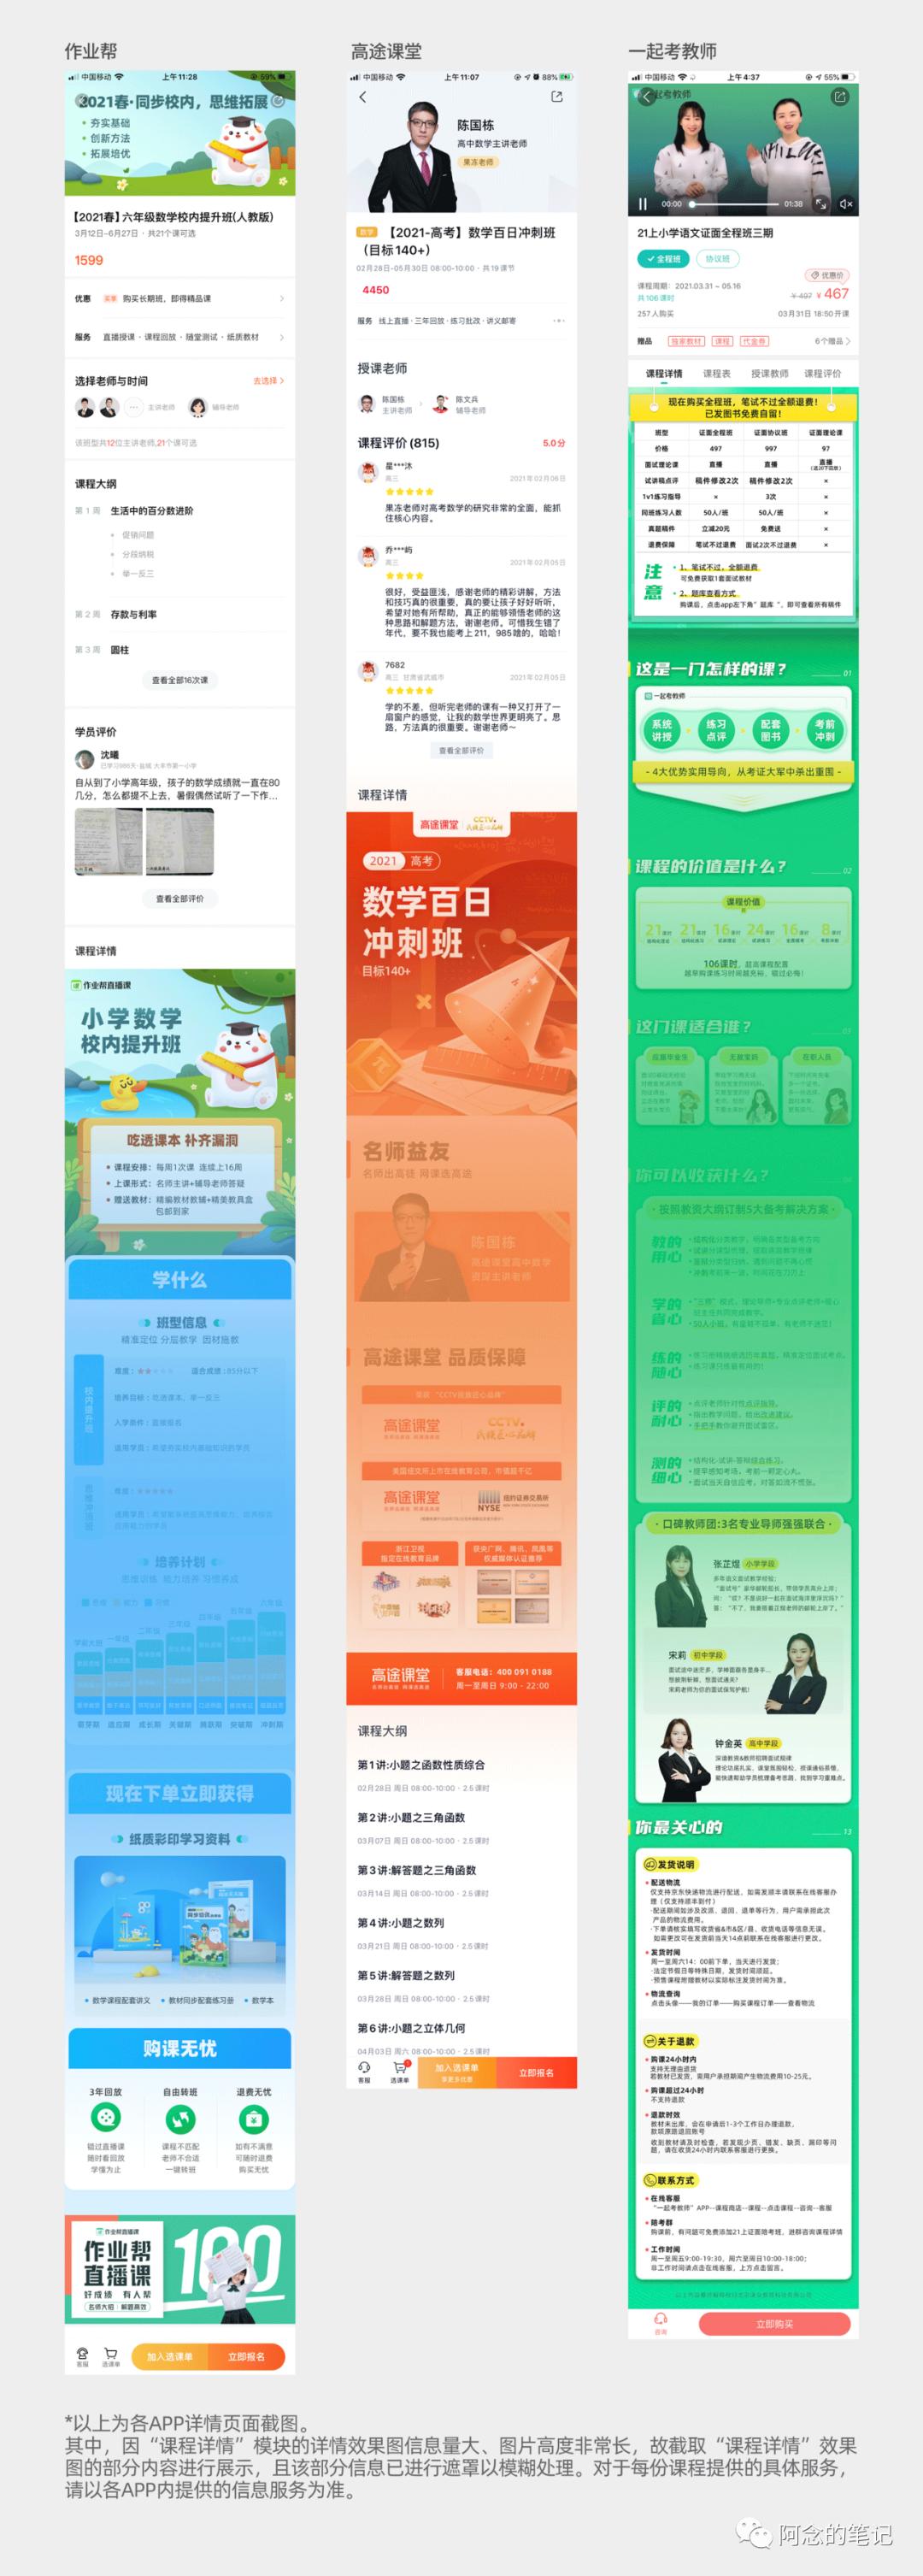 在线教育类产品——详情页设计知多少